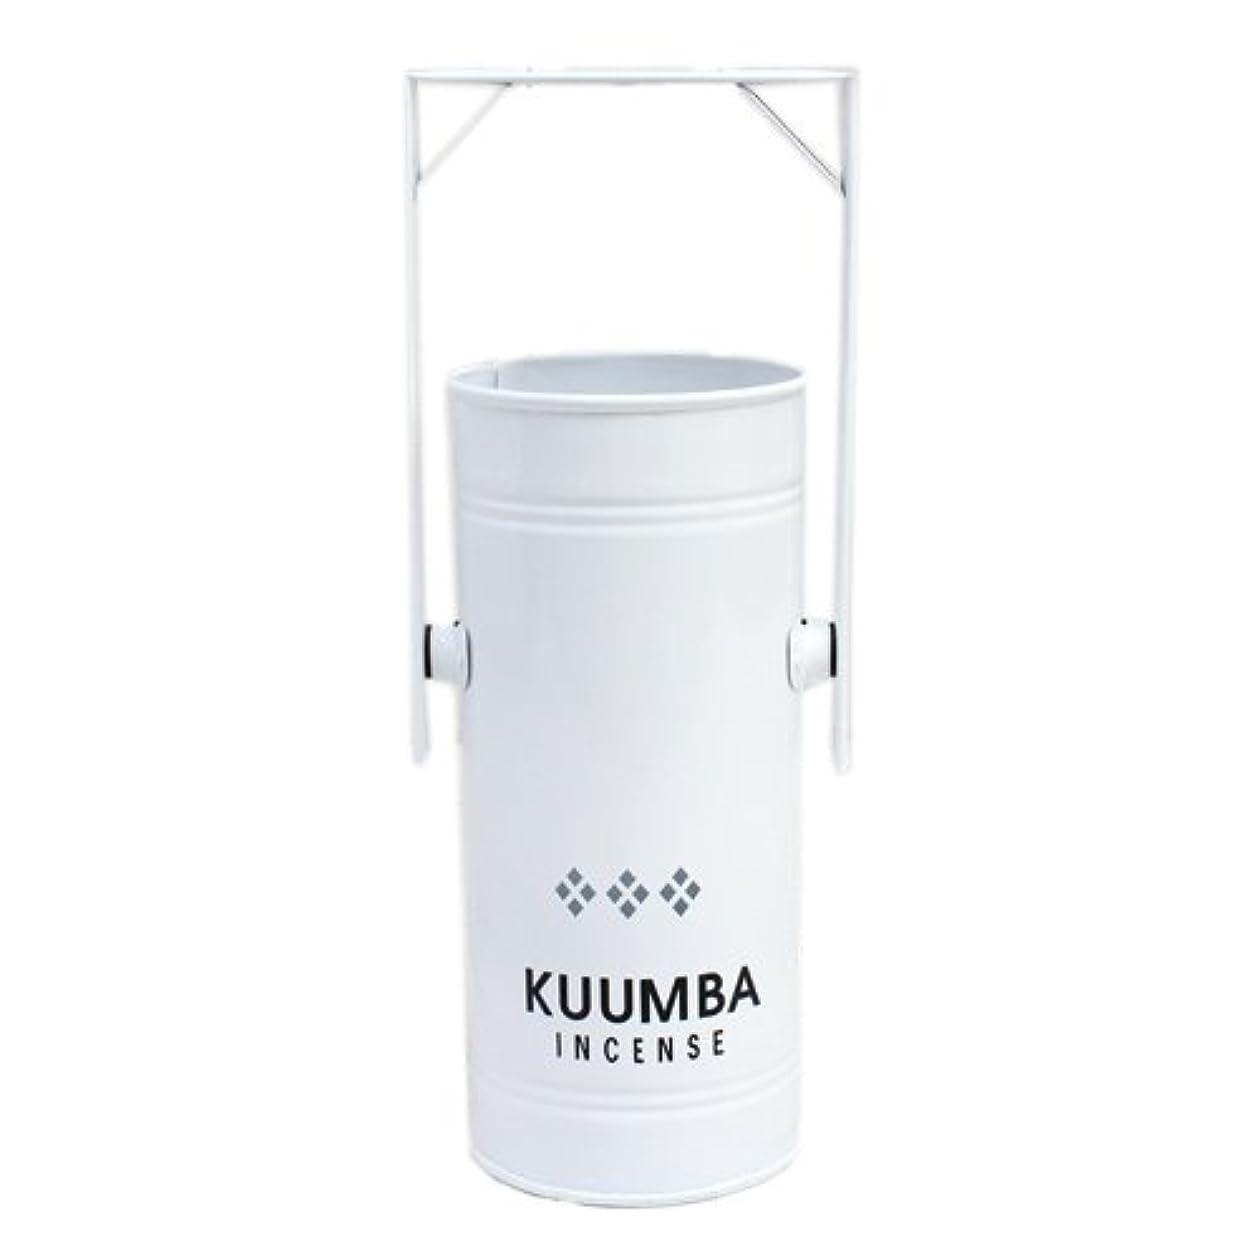 非常に怒っています未満比類のないKUUMBA (クンバ)『INCENSE BURNER-Regular』(WHITE) (ONE SIZE, WHITE)